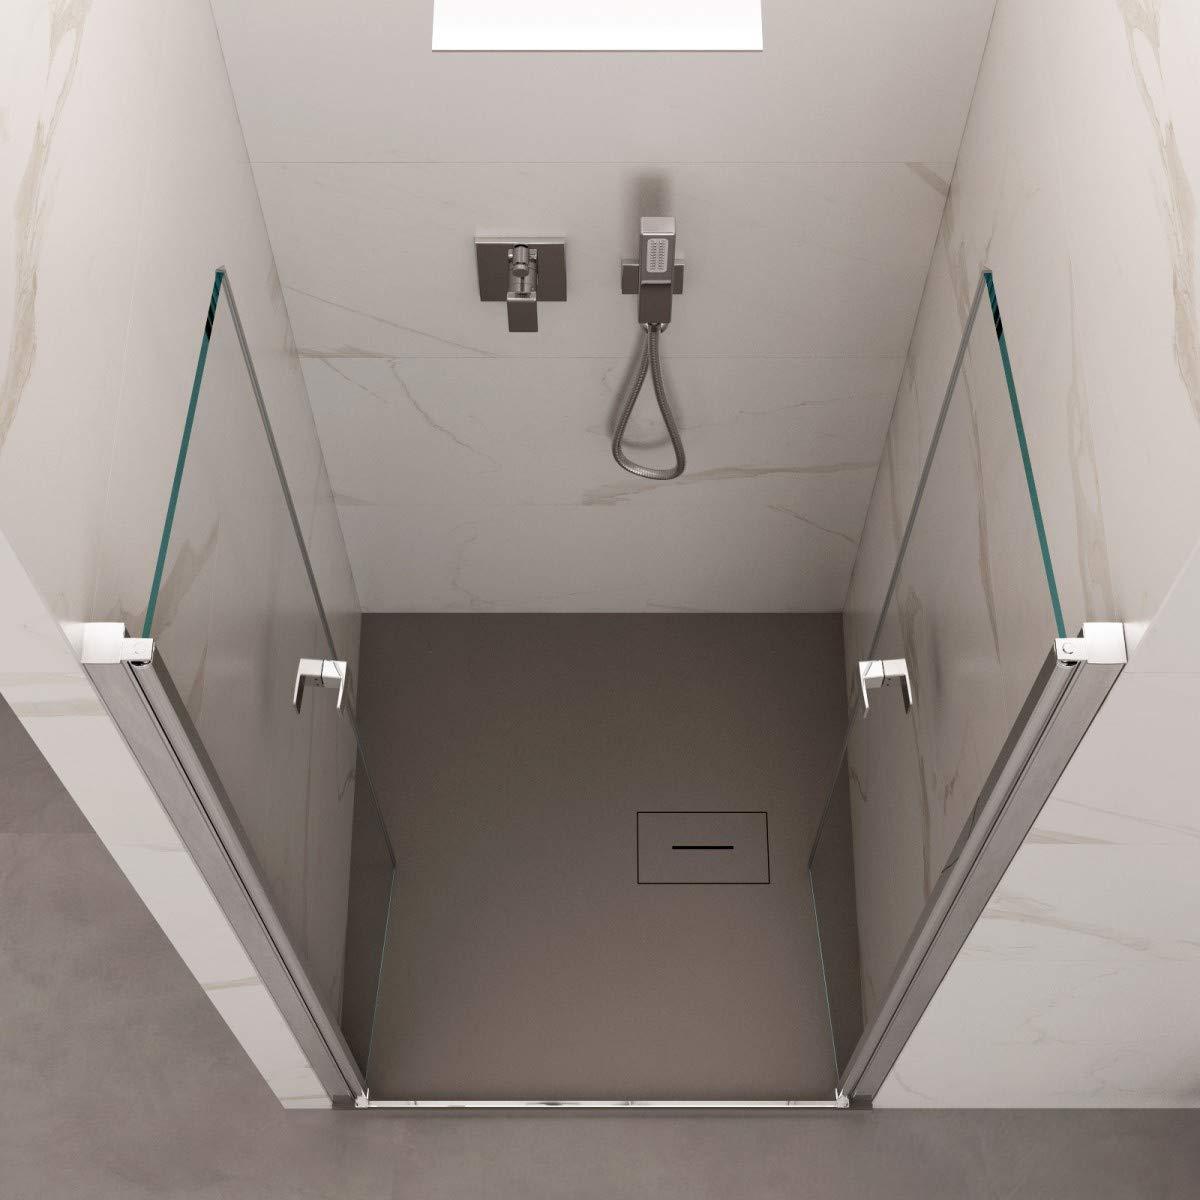 Olimpo - Mampara de Ducha de 195 cm de Altura, Puerta Saloon, Cristal de 6 mm, Transparente, Dobla One: Amazon.es: Hogar